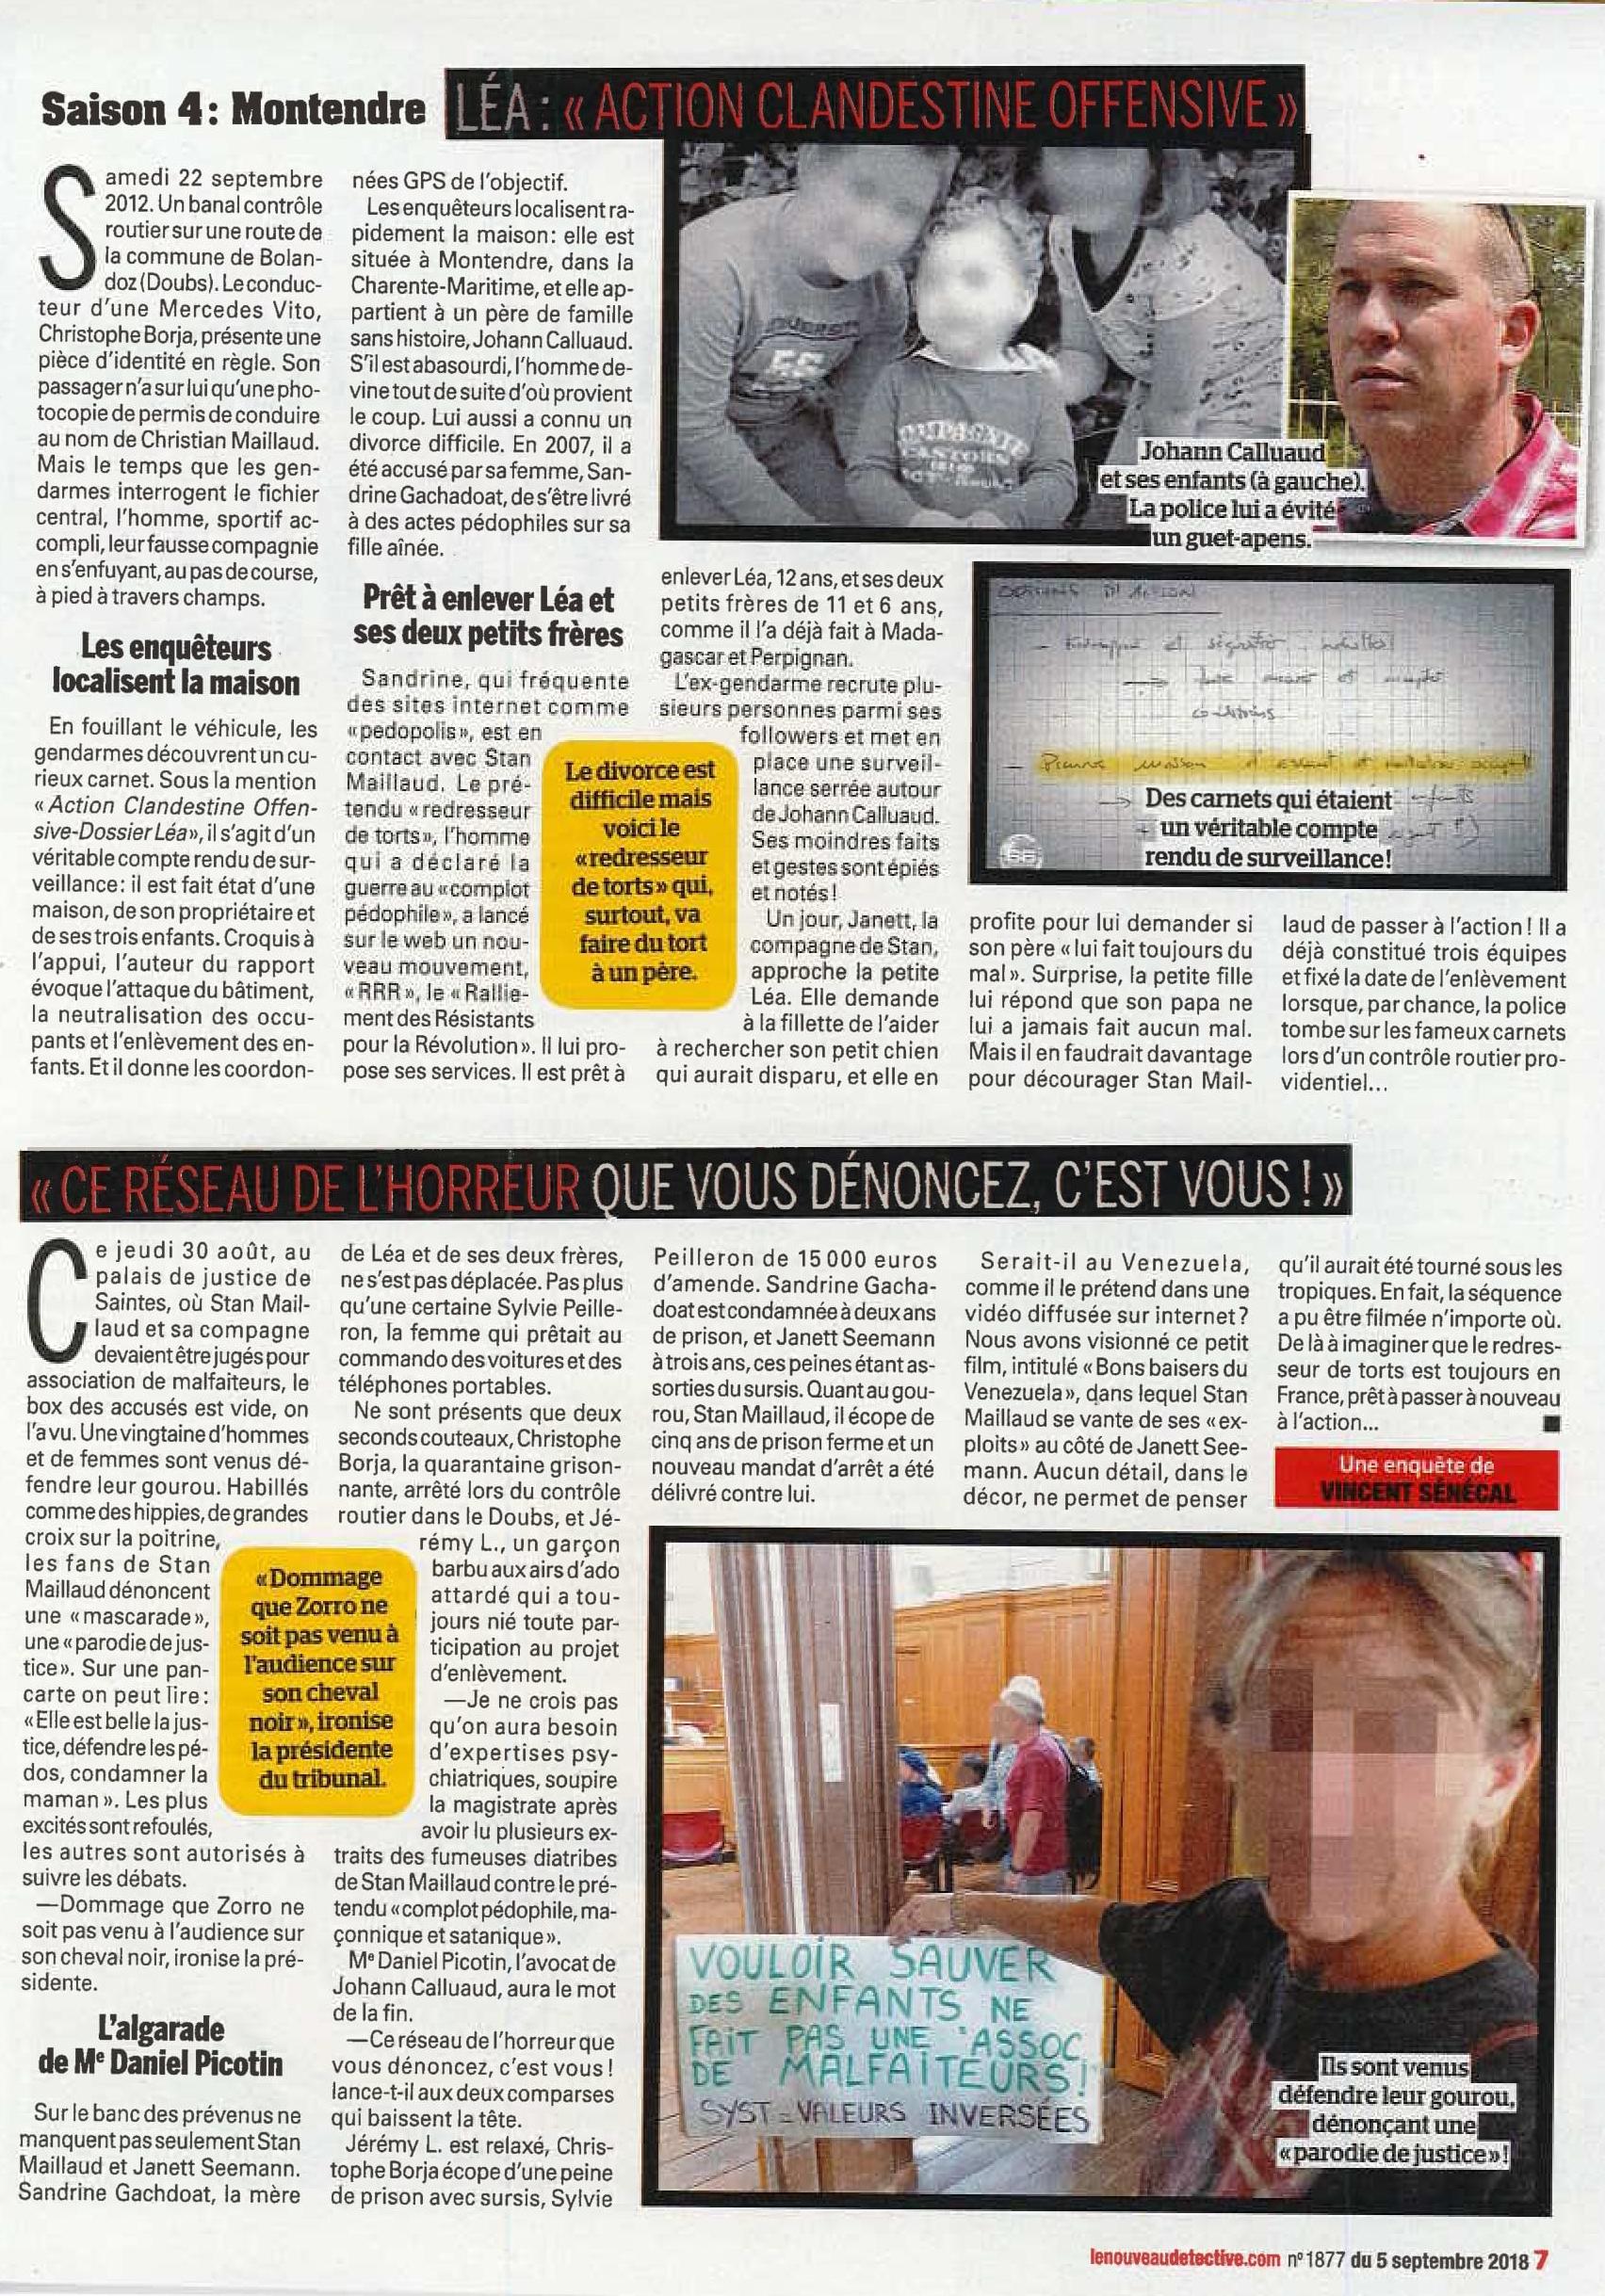 le-nouveau-detective-5-septembre-2018-5-5cd4302bc867c.jpg